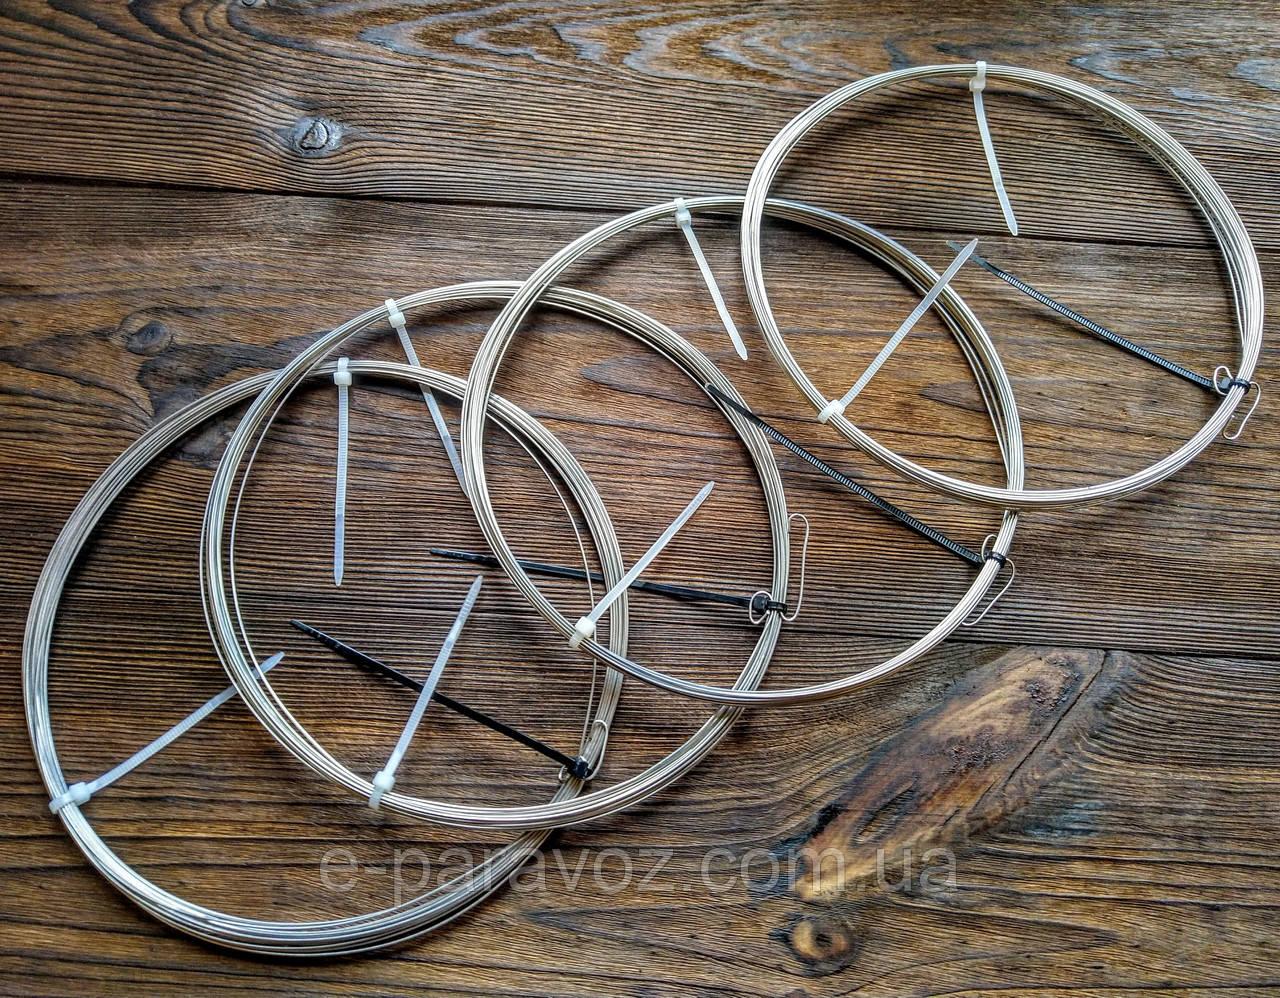 Нержавейка 0.2 мм - 10 метров, проволока для рукоделия цвет серебро, для  бисера